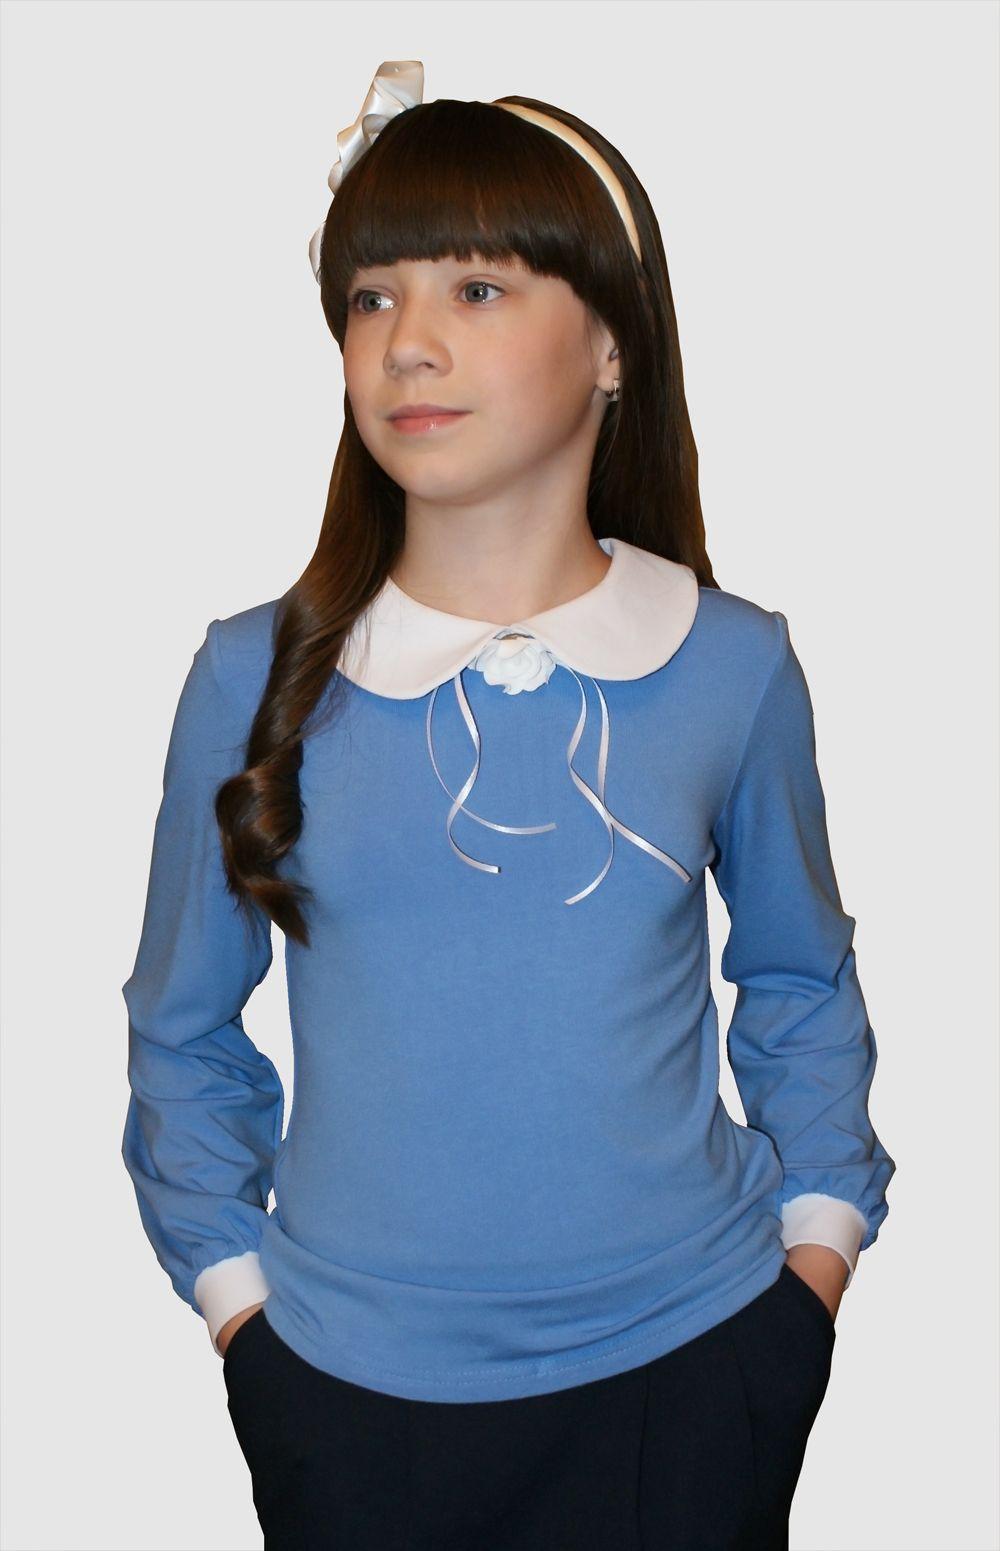 Сбор заказов. М@ттiель-27. Коллекция нарядных блузок для школы по новым вкусным ценам. Распродажа до -40%! Любые размеры от 98 до 158 роста, без рядов. Готовимся к школе заранее! Последний сбор с раздачей до 1 сентября! Нужно брать!